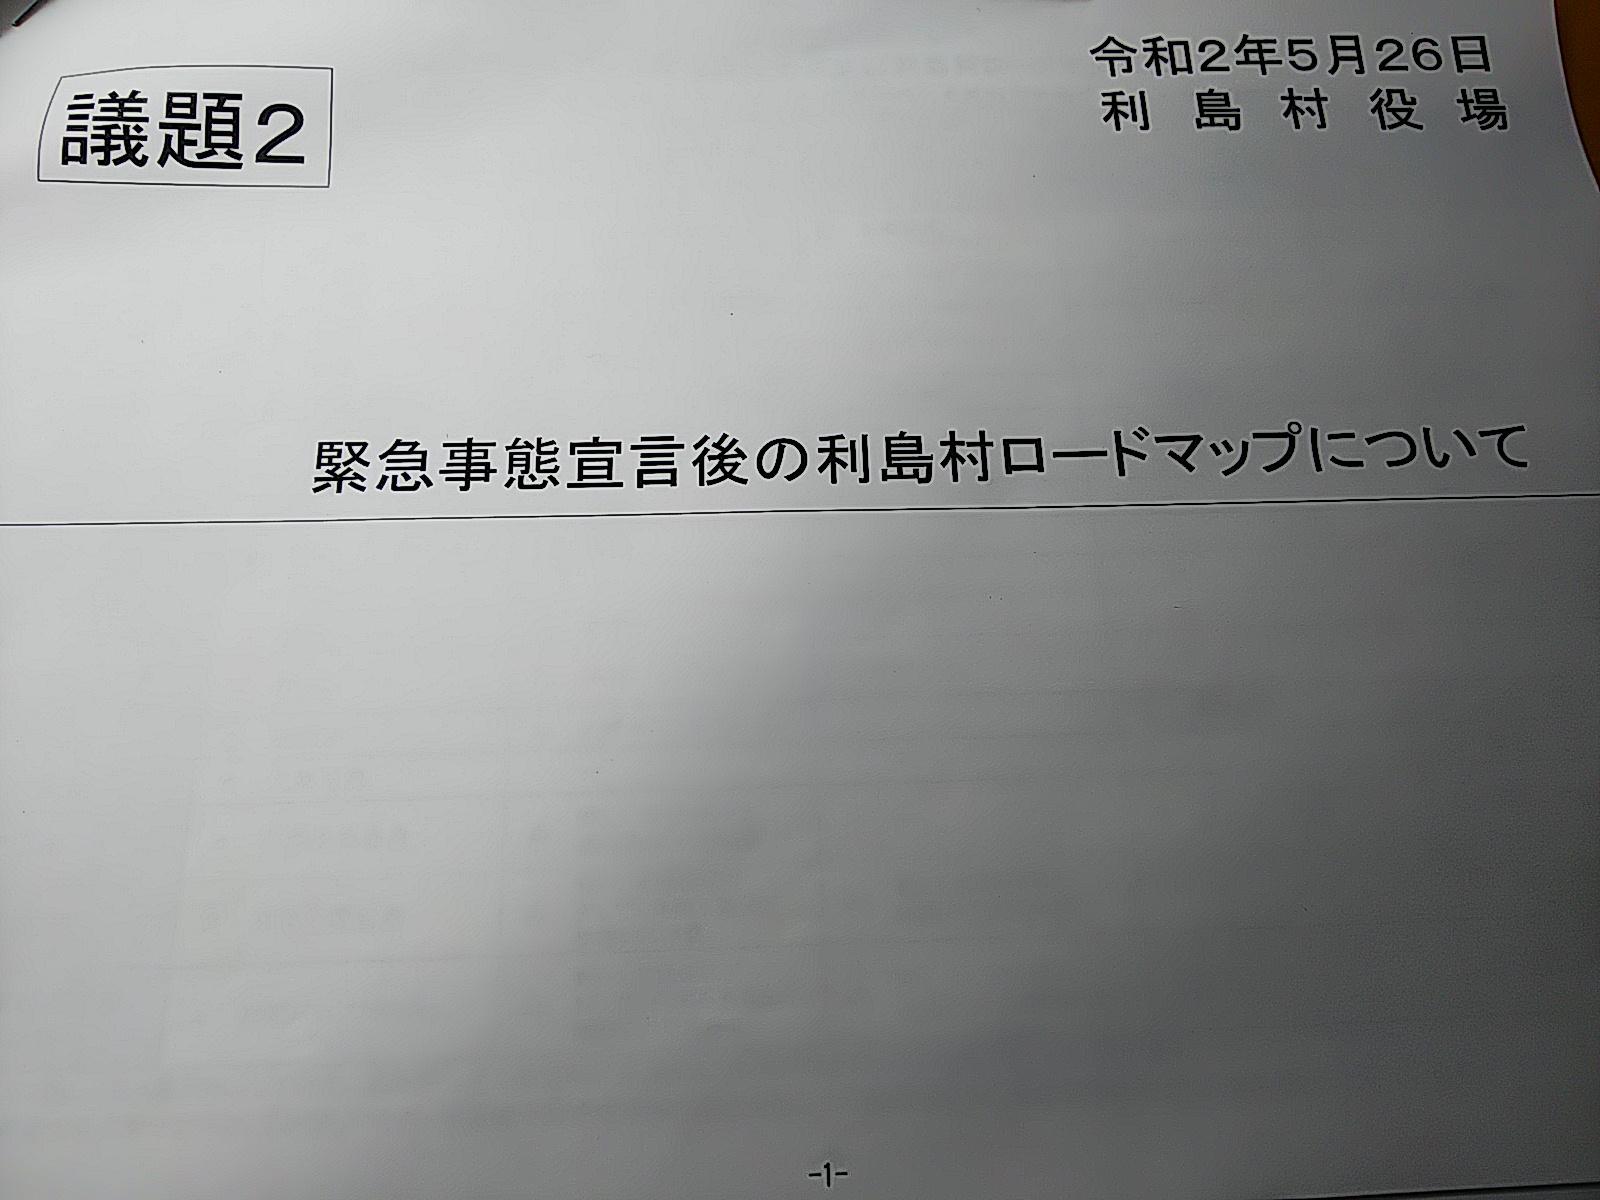 202005262013272d1.jpg